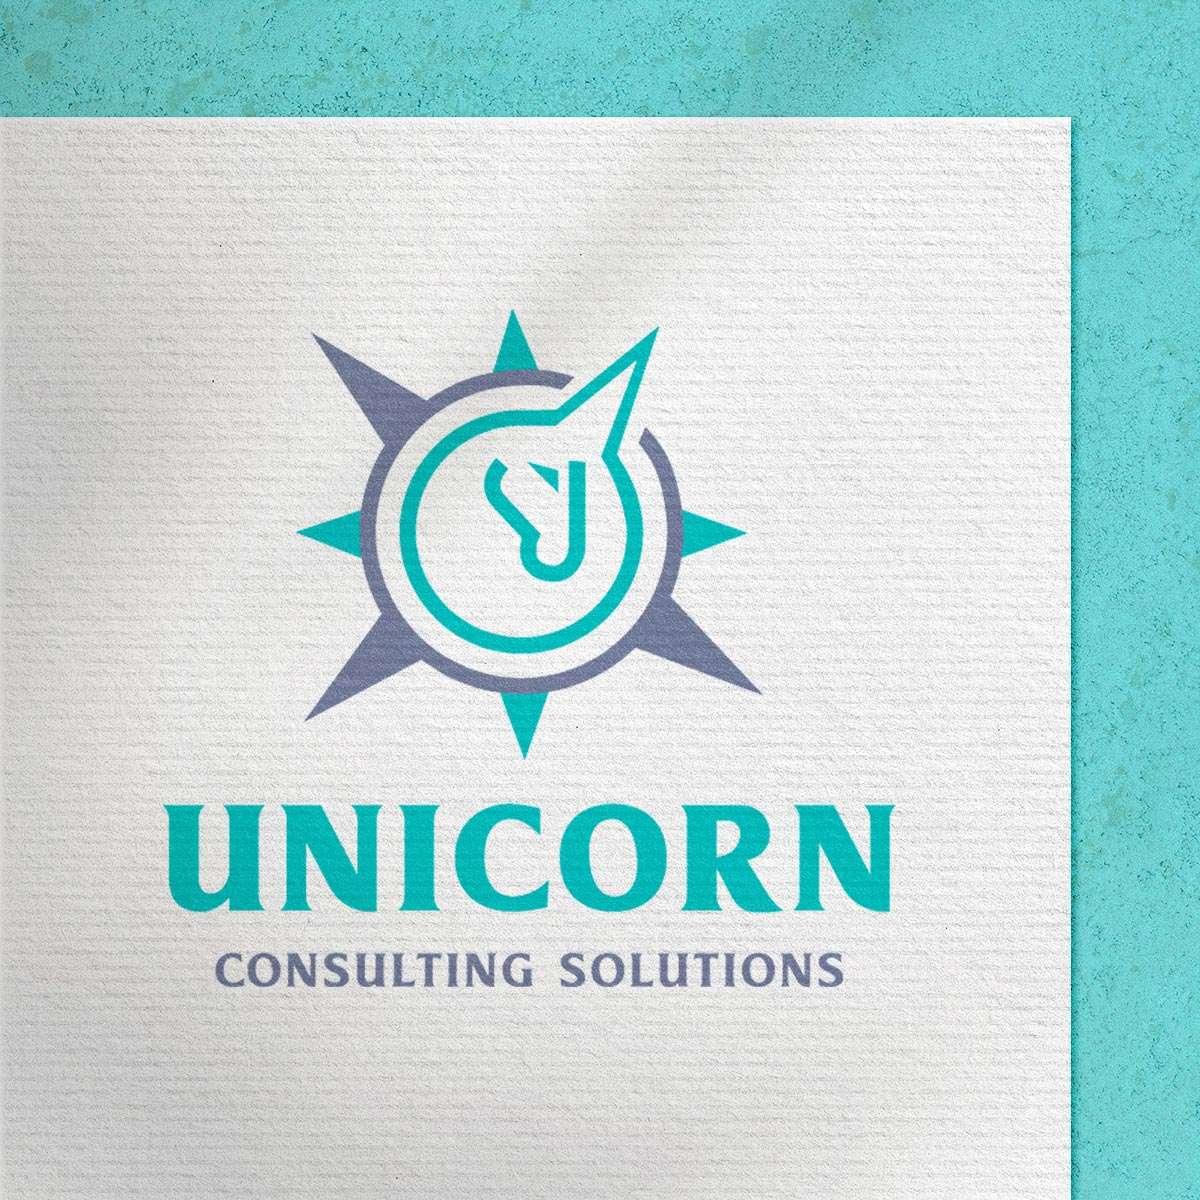 Program management logo design by BrandSwan, a Delaware branding agency